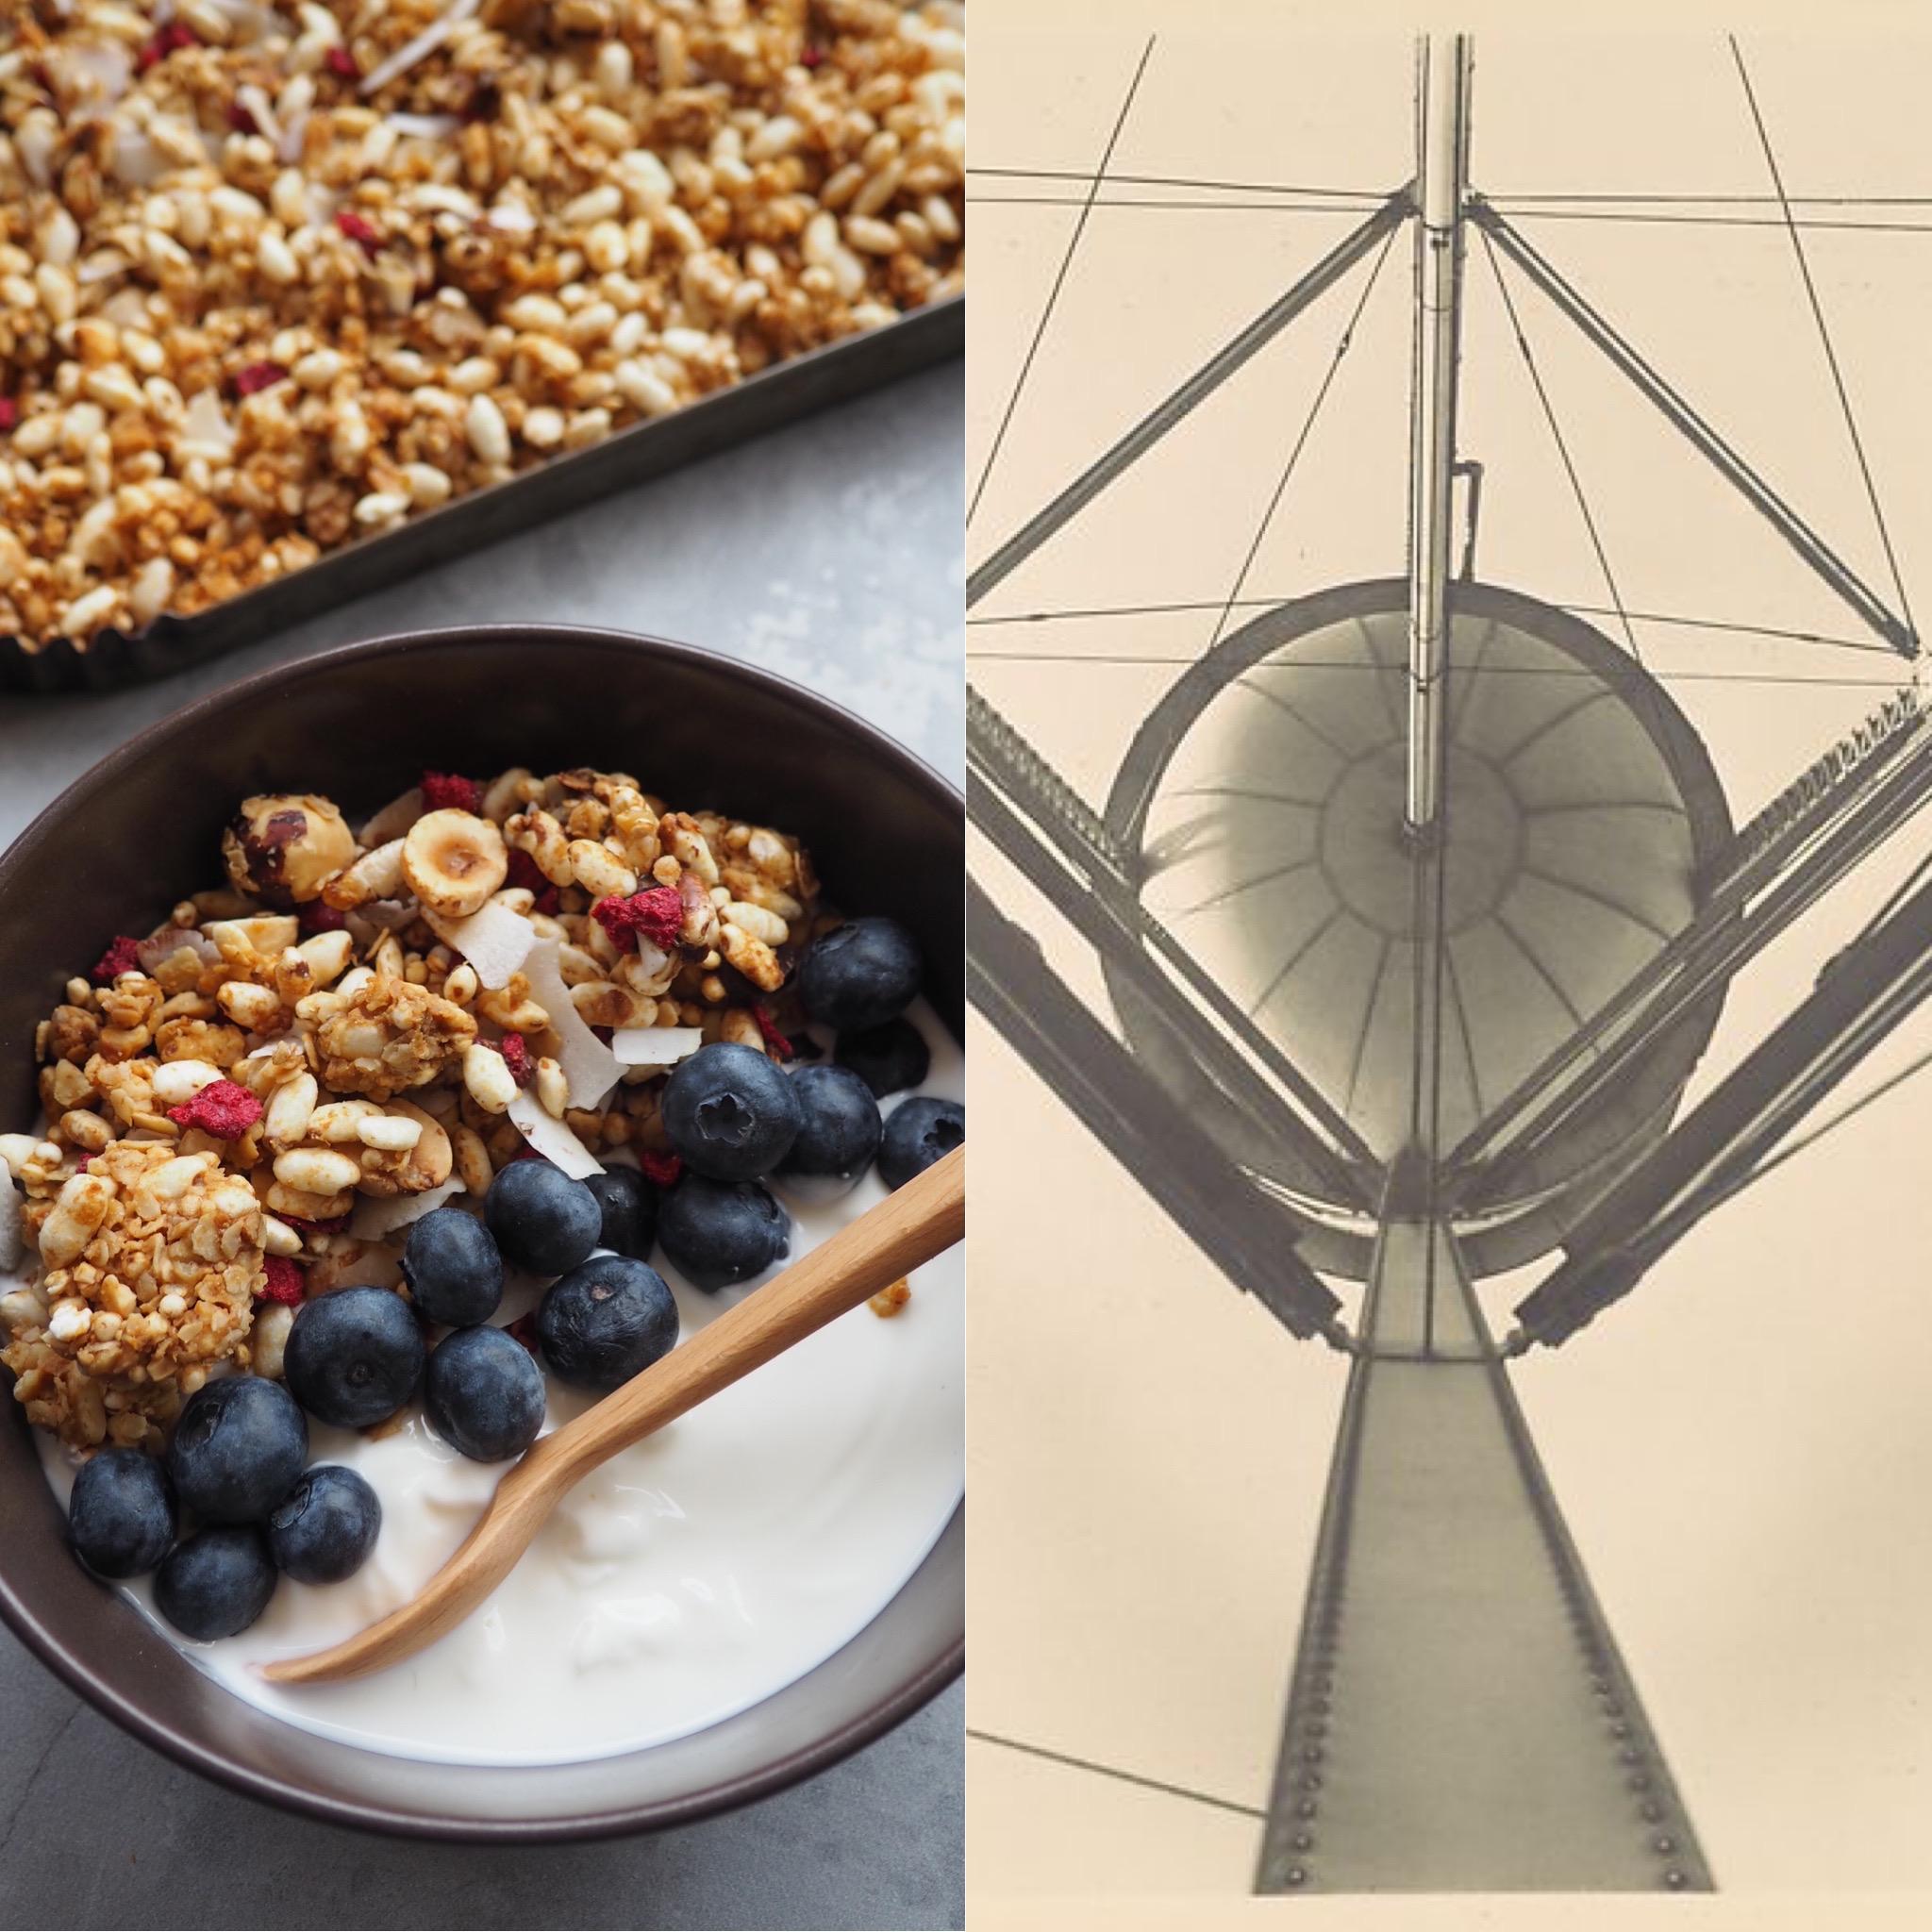 Imogen Cunningham, les torres de blat i la millor granola casolana (CAT)